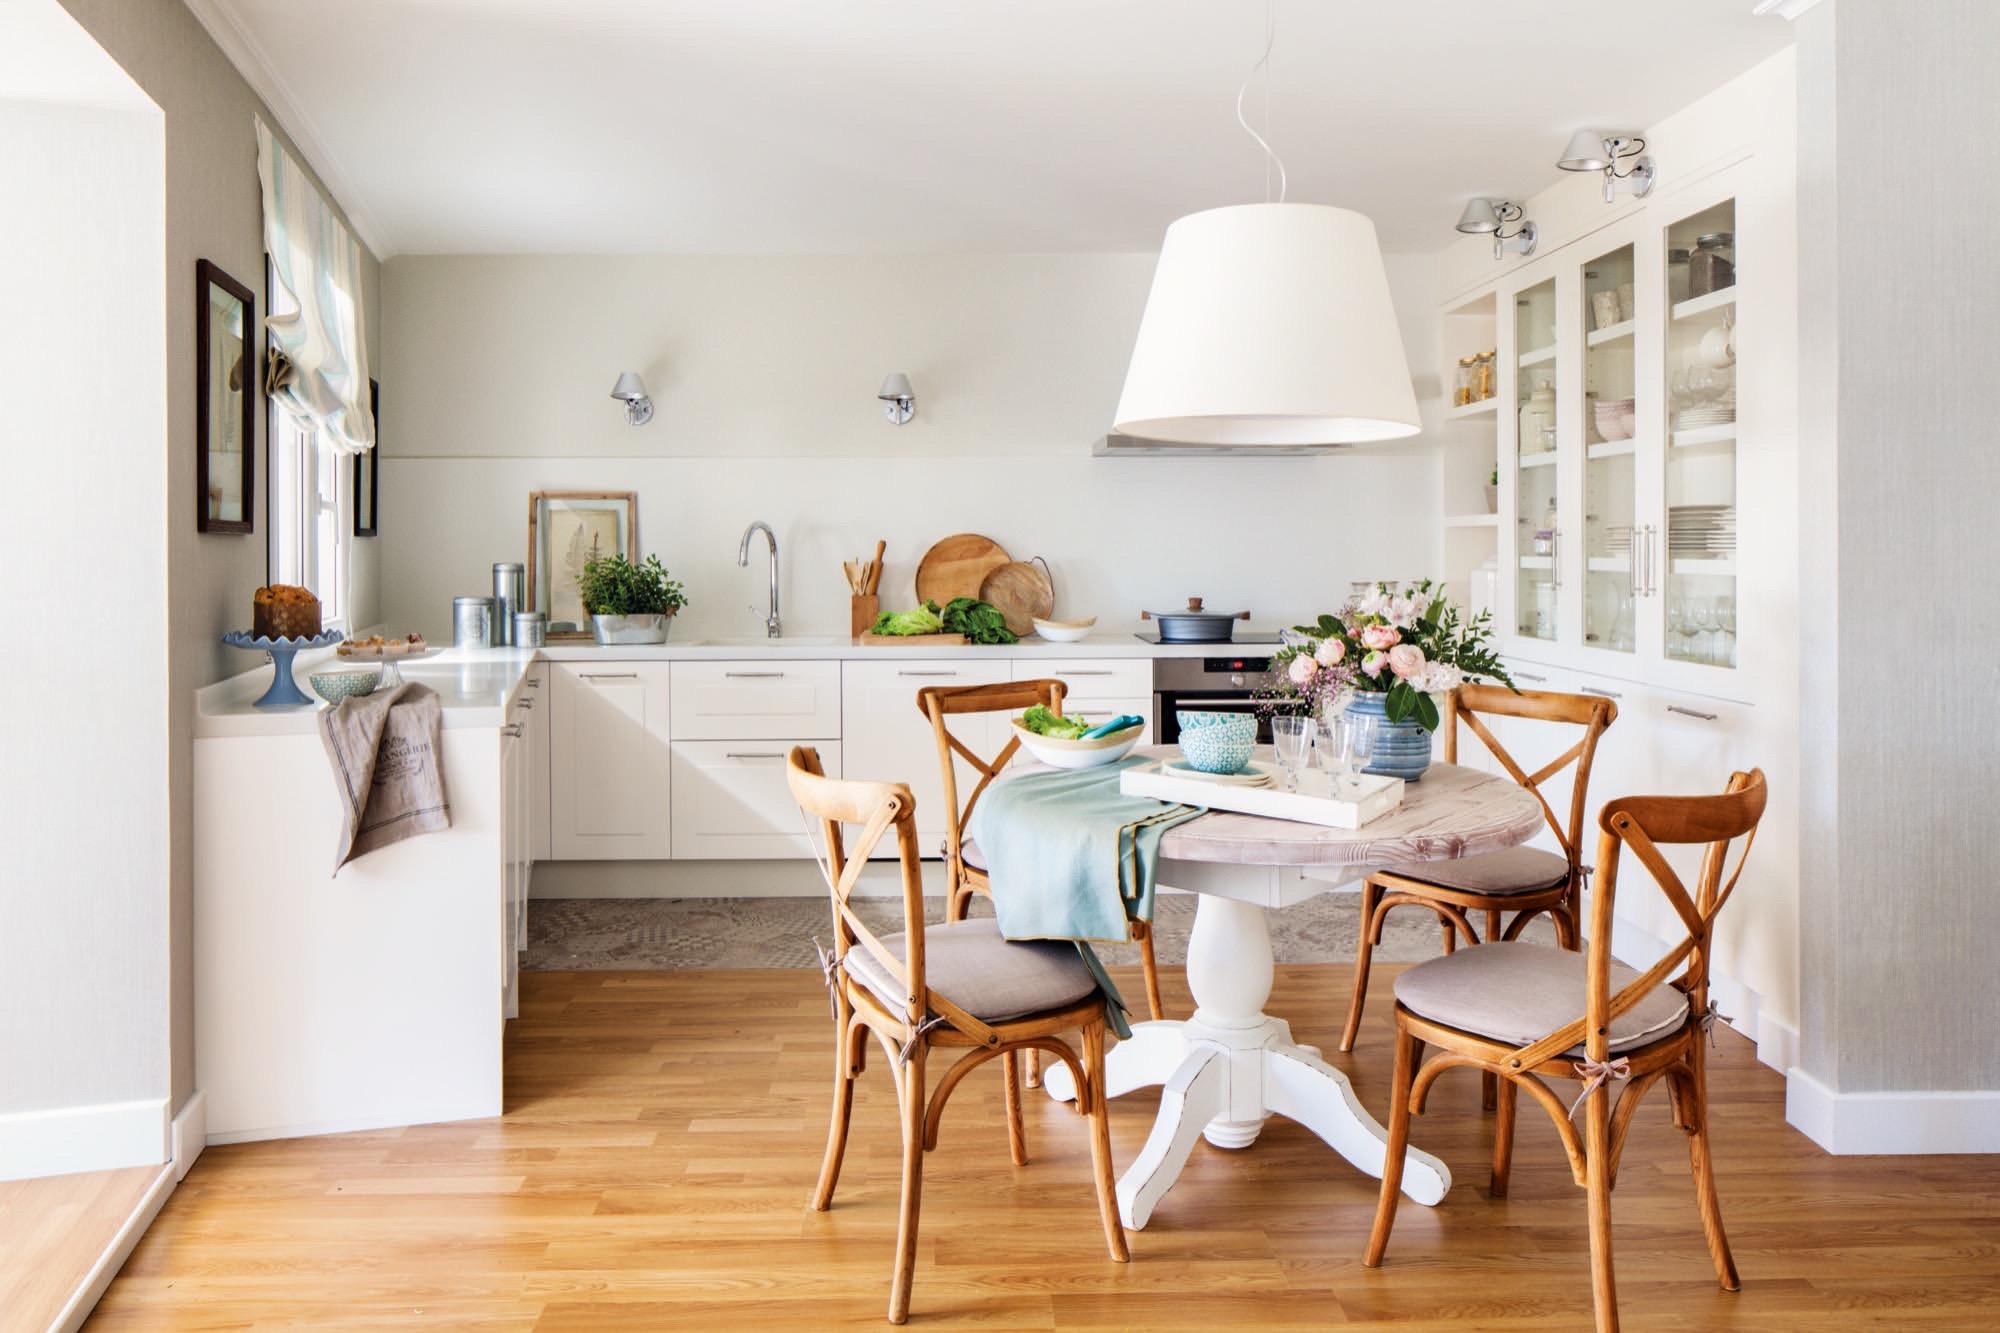 cocina abierta con un comedor de mesa redonda integrado